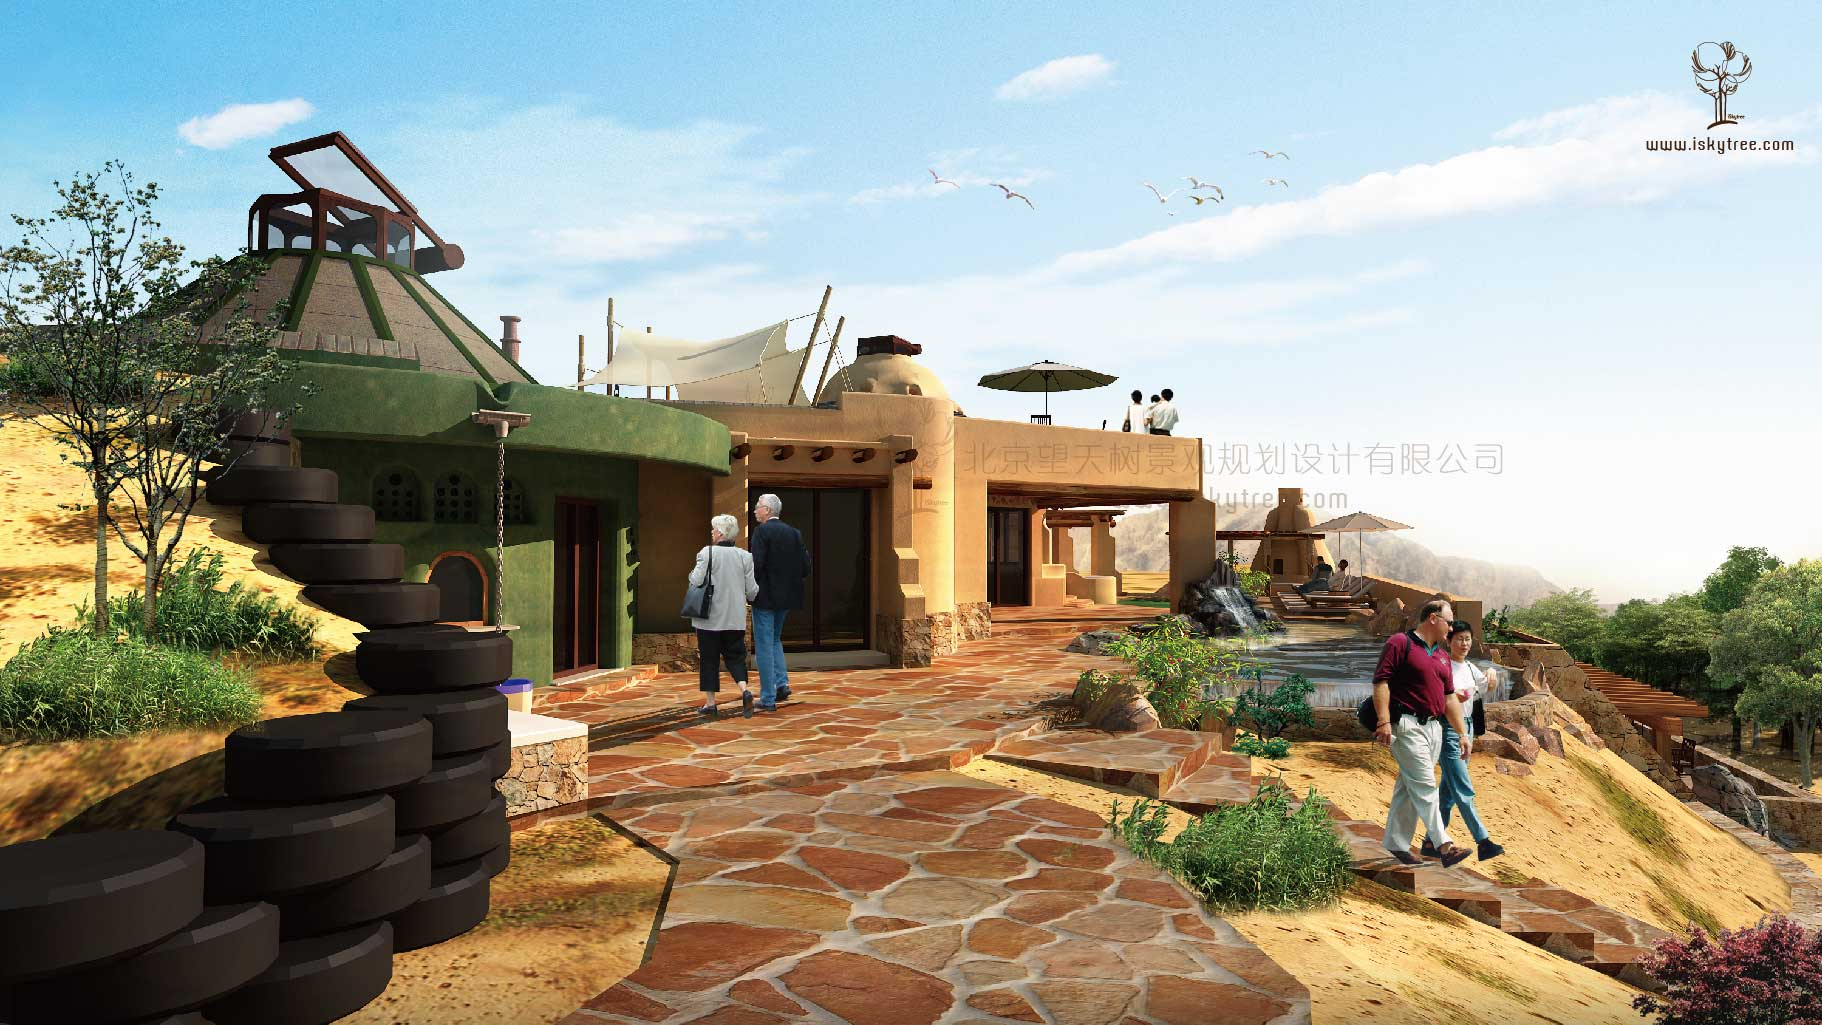 西部风情酒庄建筑景观设计